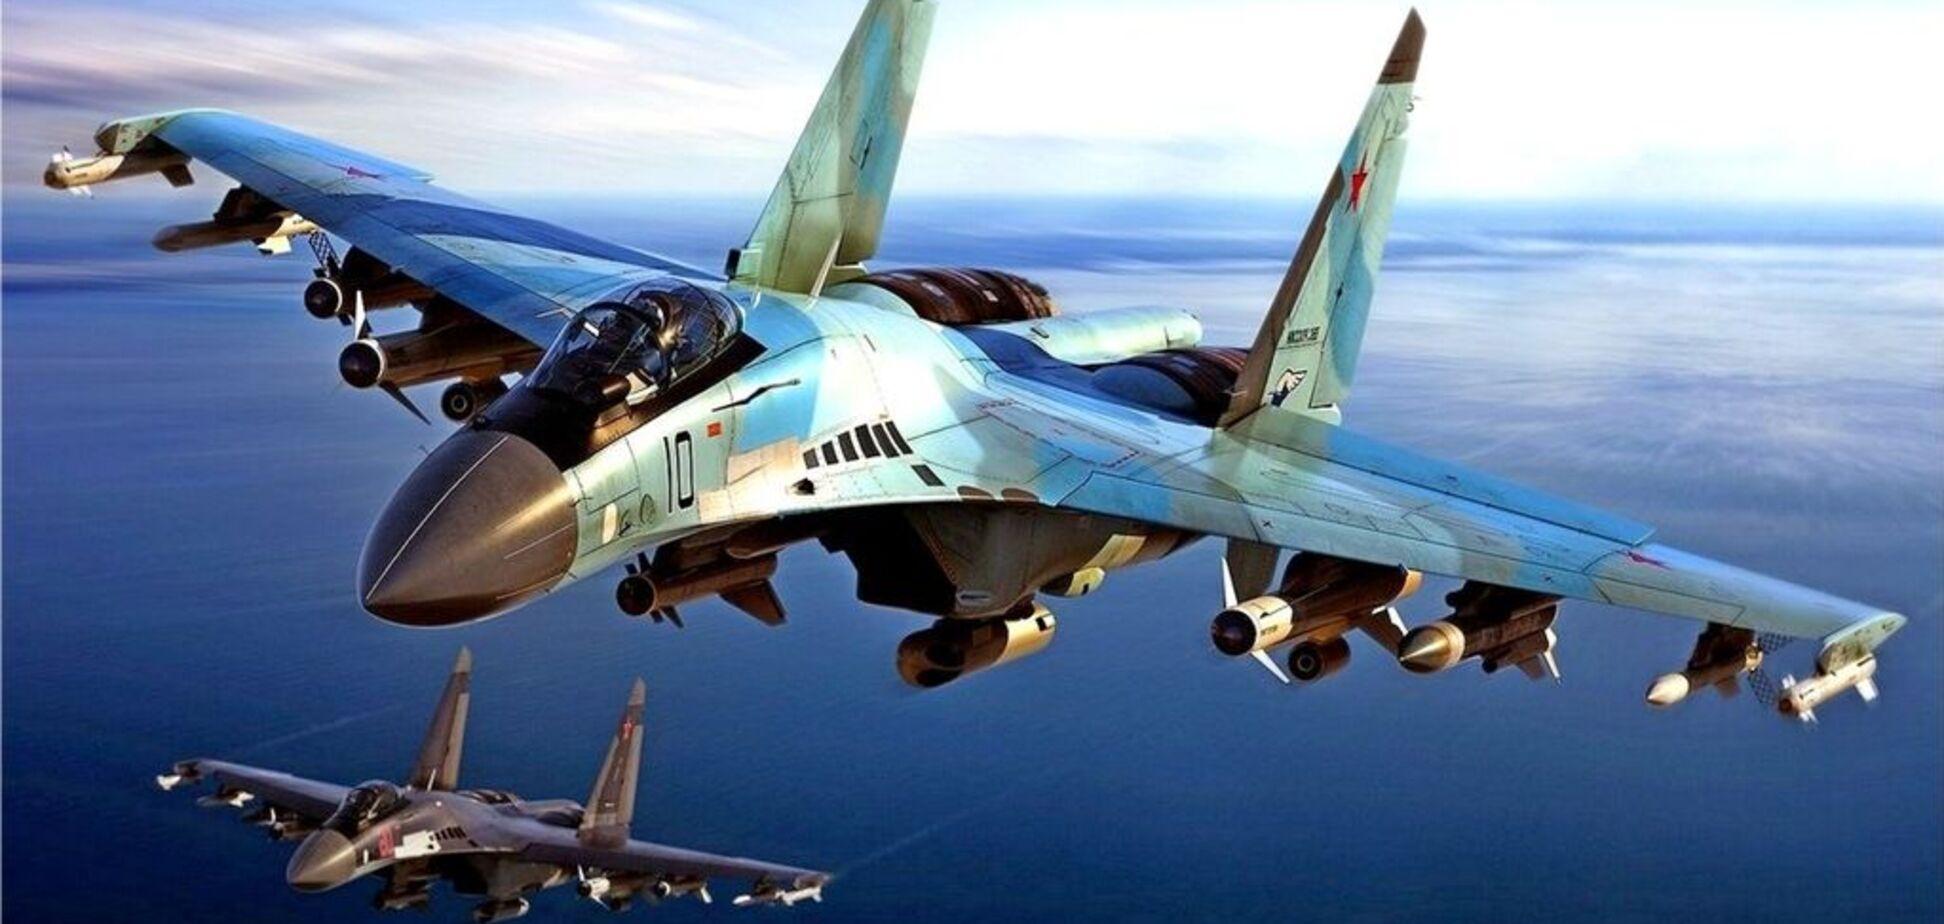 Военная стычка России с Южной Кореей: найдена связь с Донбассом